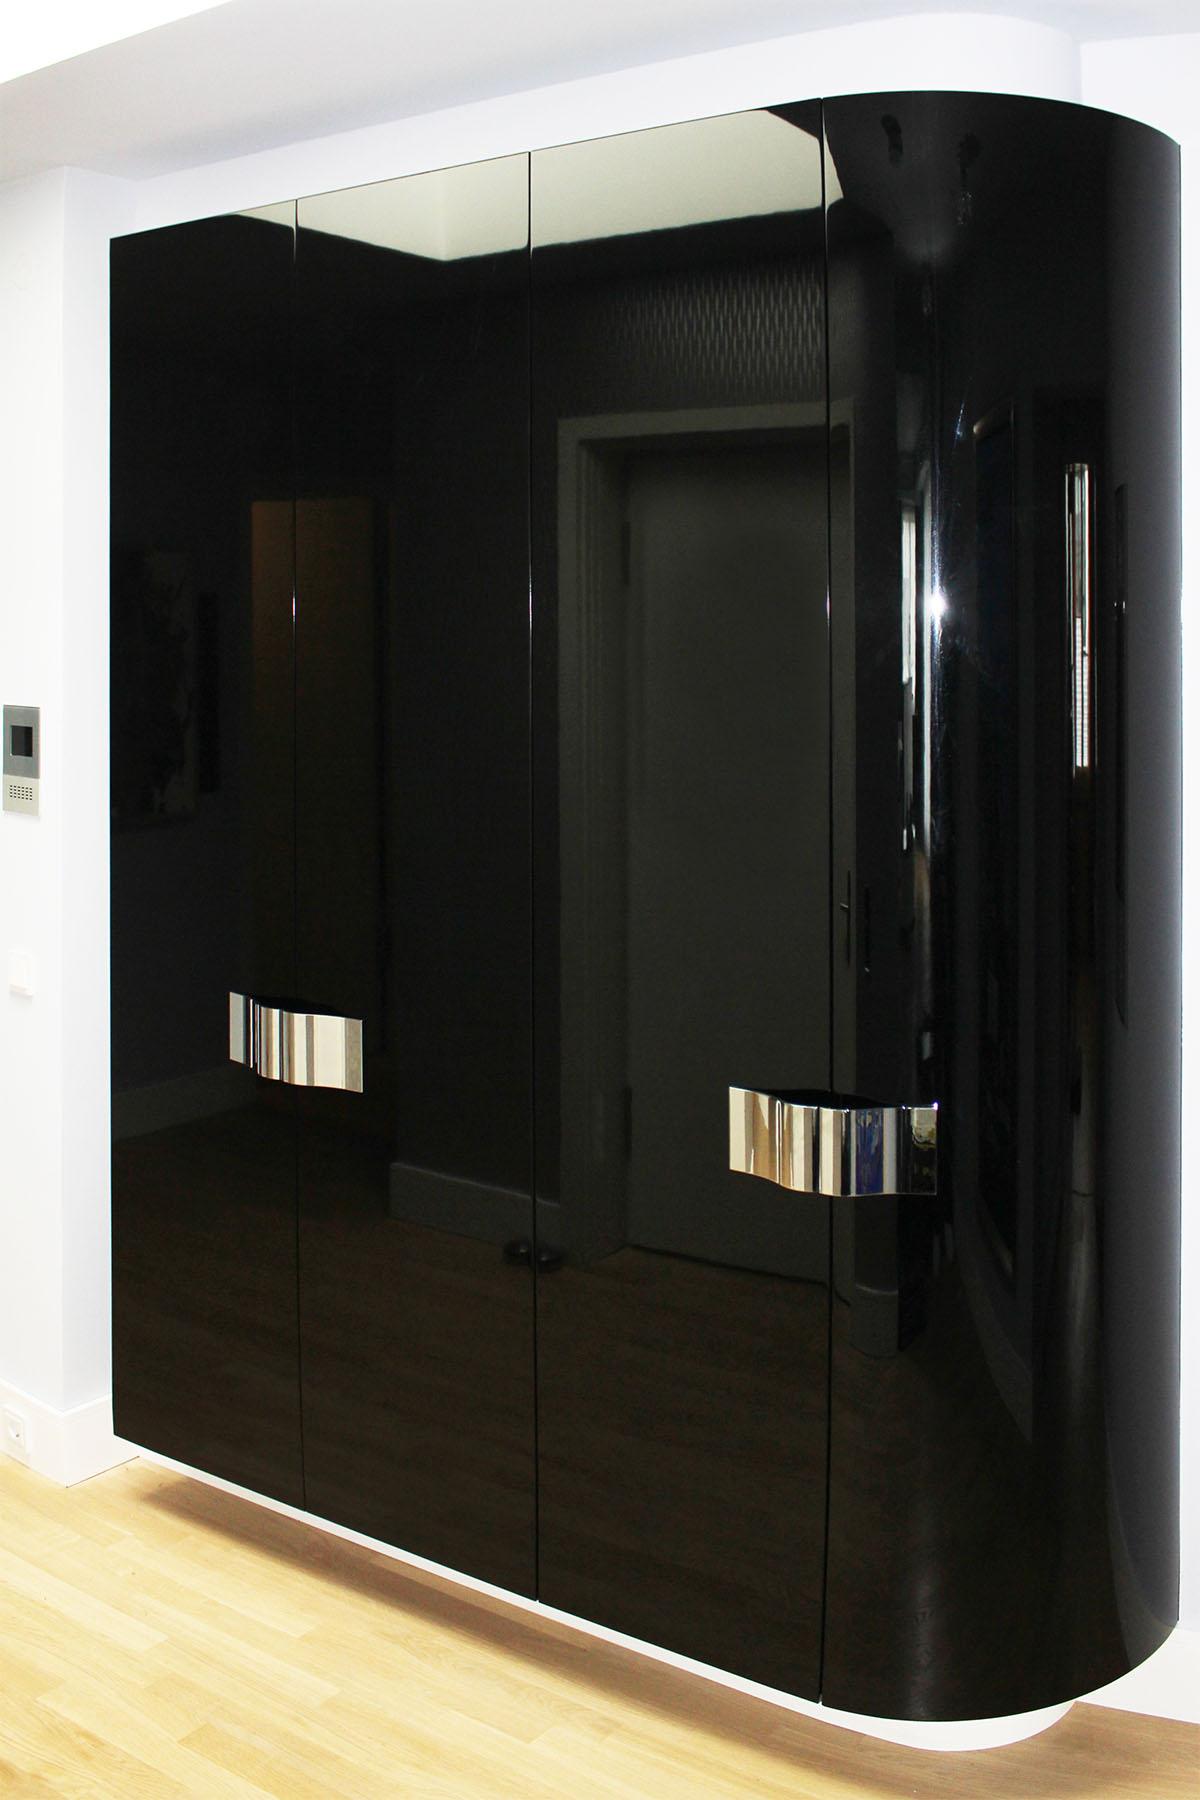 bie garderobenschrank tischlerei f r exklusiven. Black Bedroom Furniture Sets. Home Design Ideas